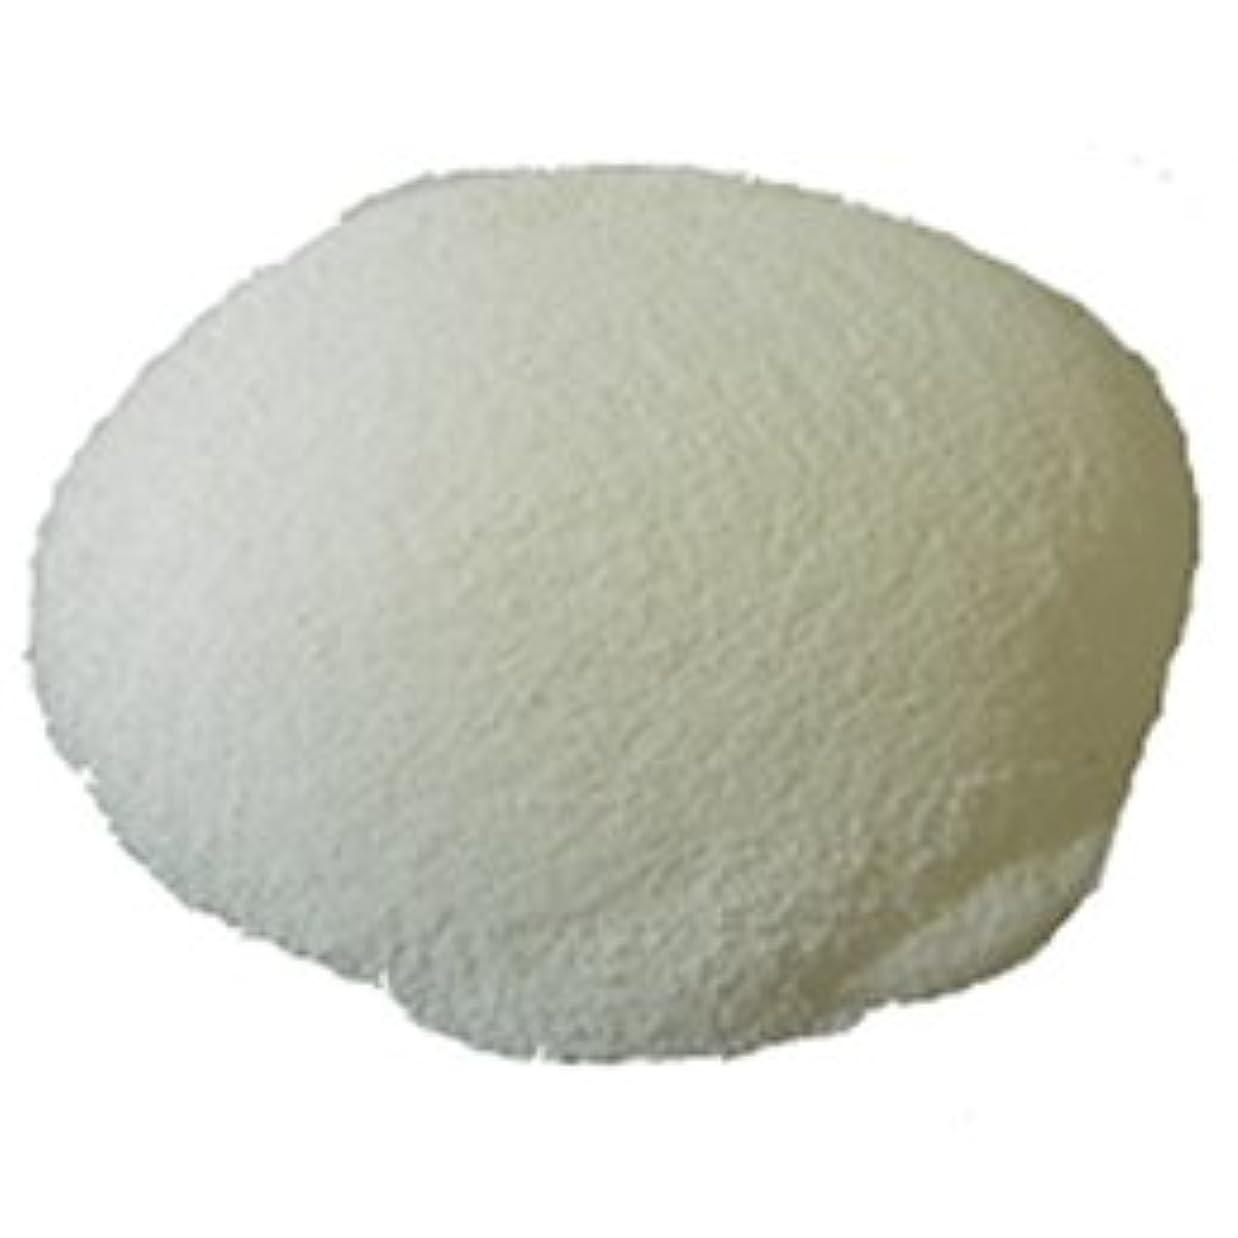 貧しい広まった北極圏カリス成城 ソープの素 パウダータイプ 1kg